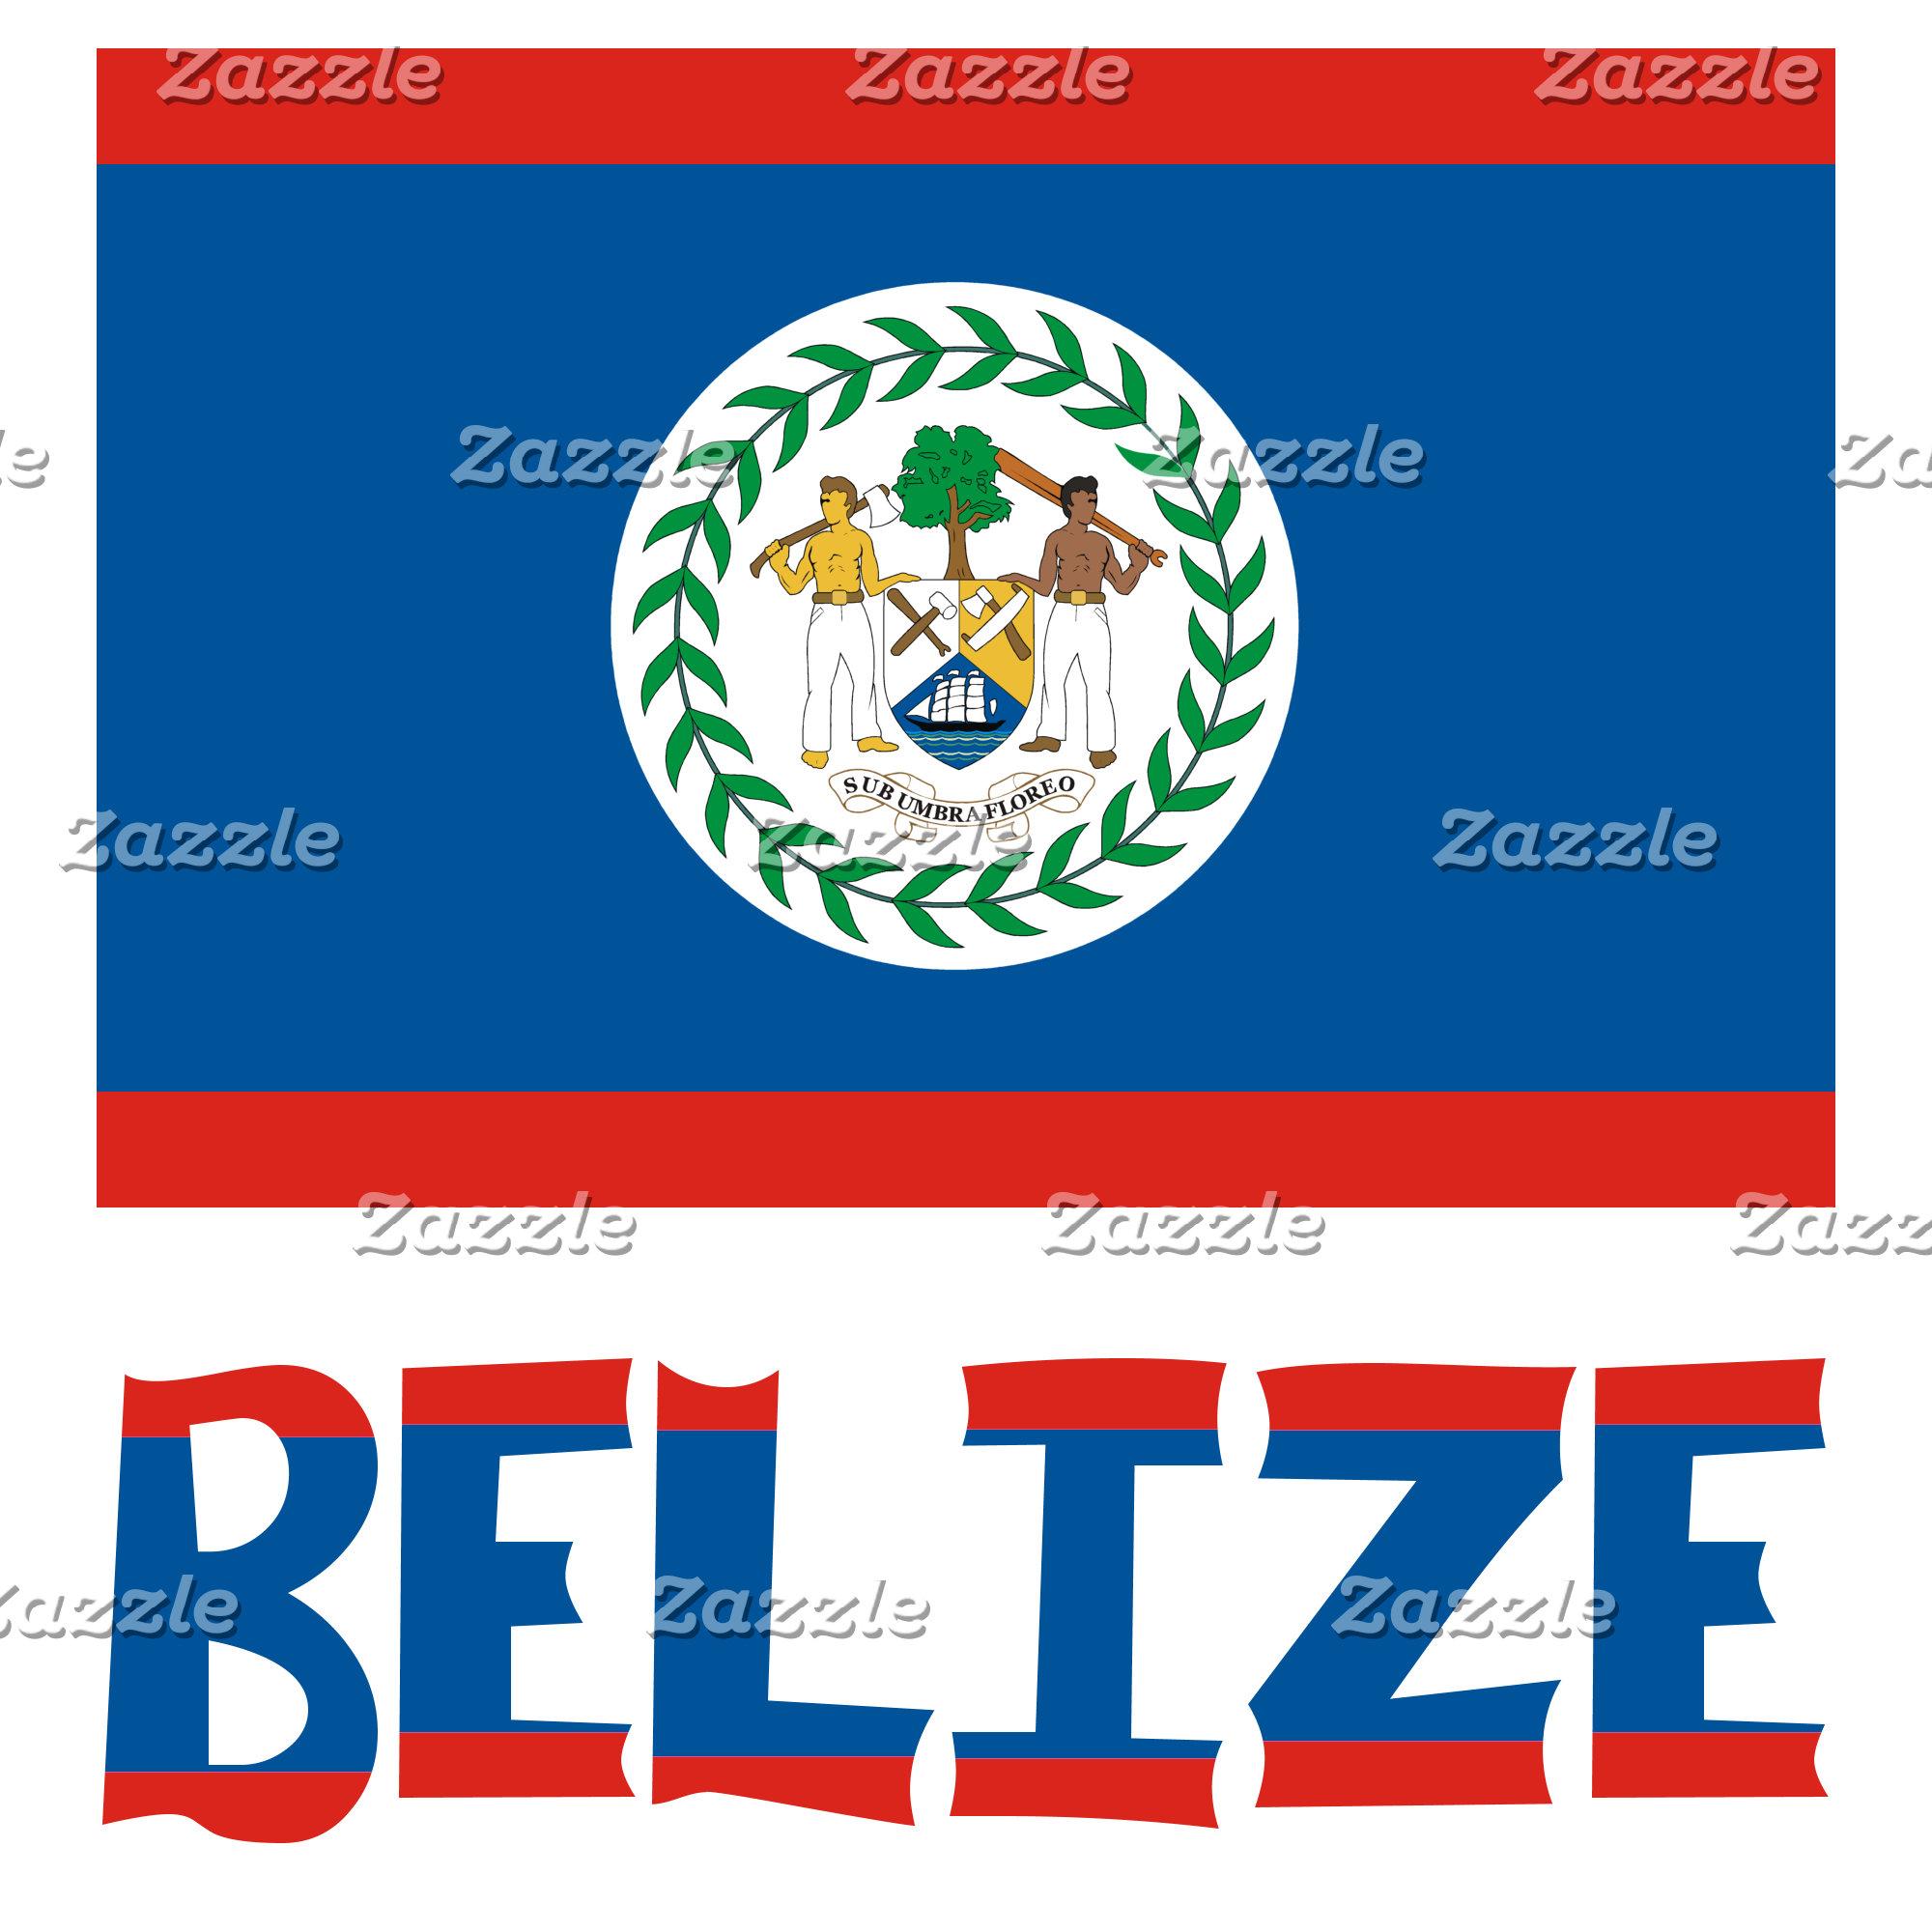 Belizean Flag and Belize